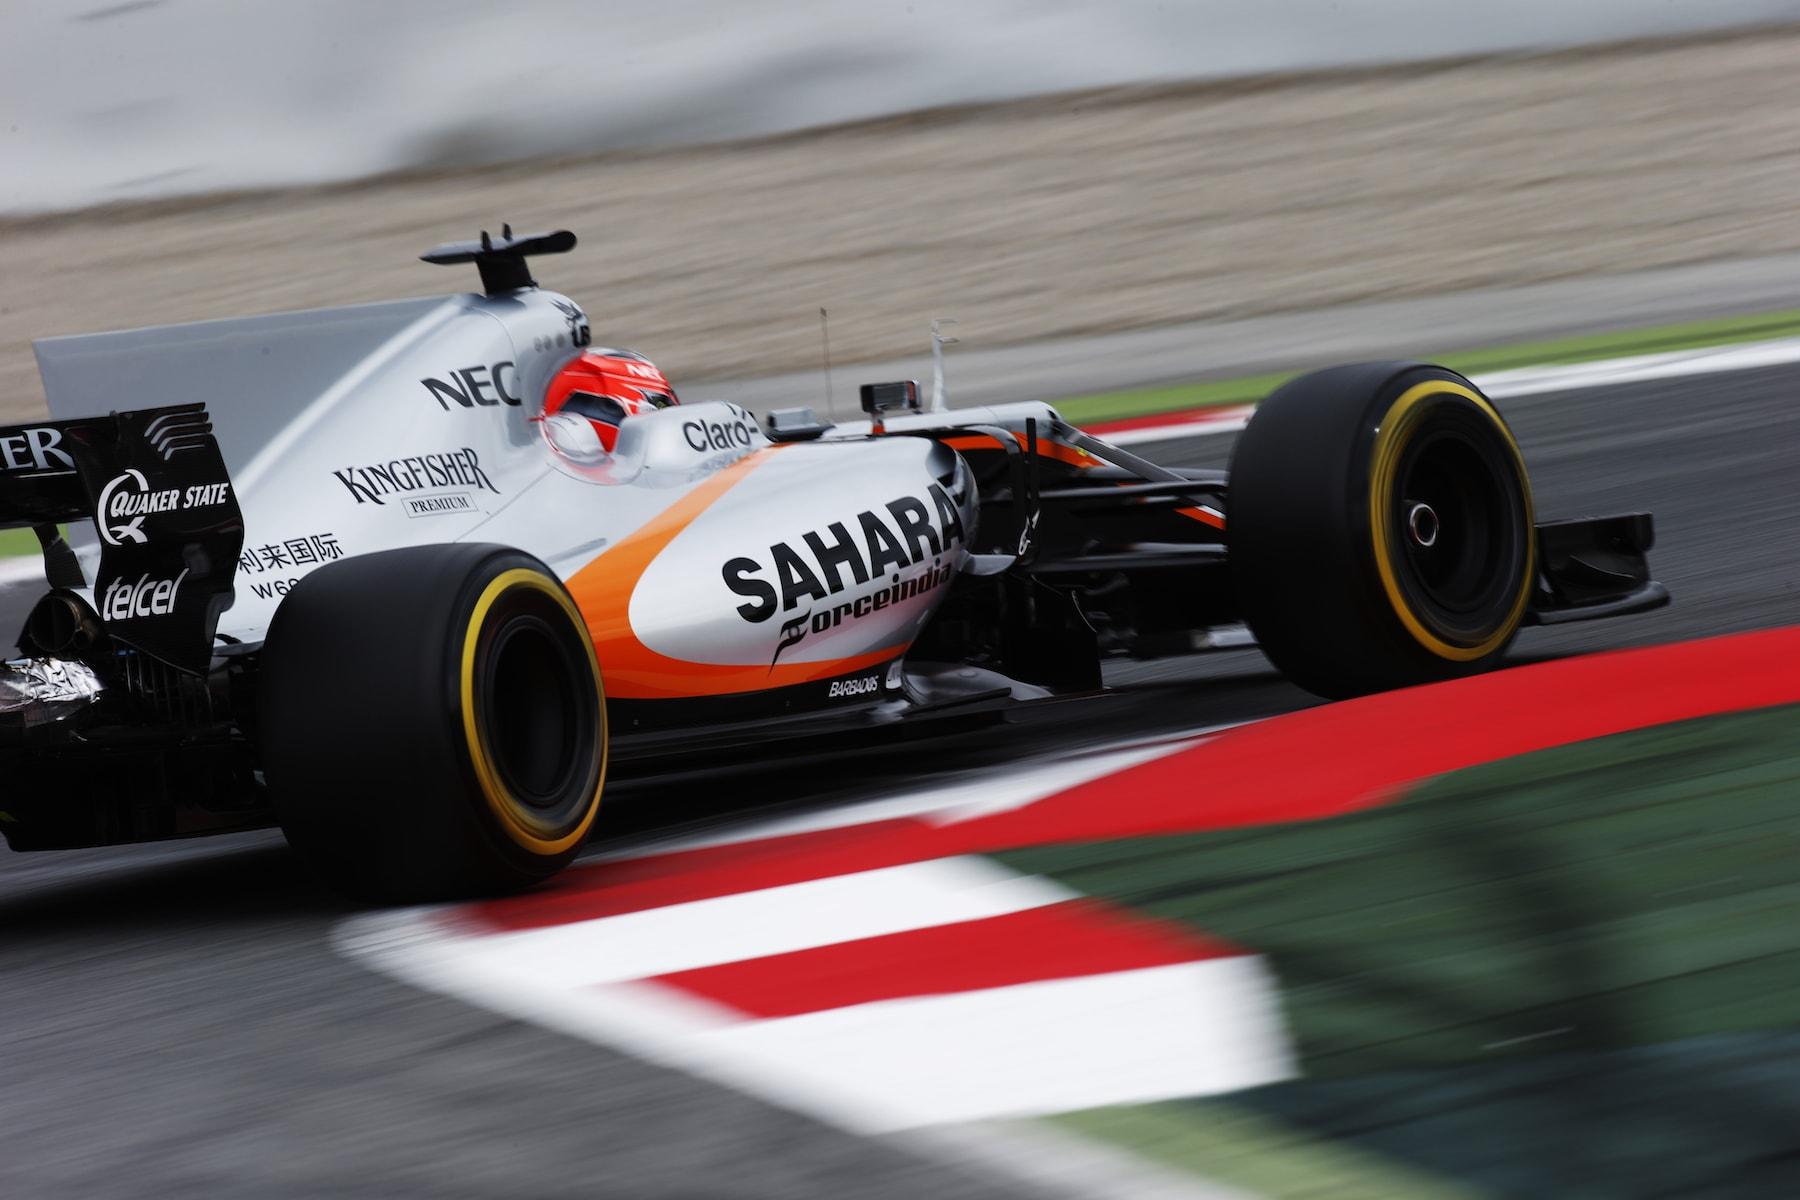 Salracing | Force India VJM10